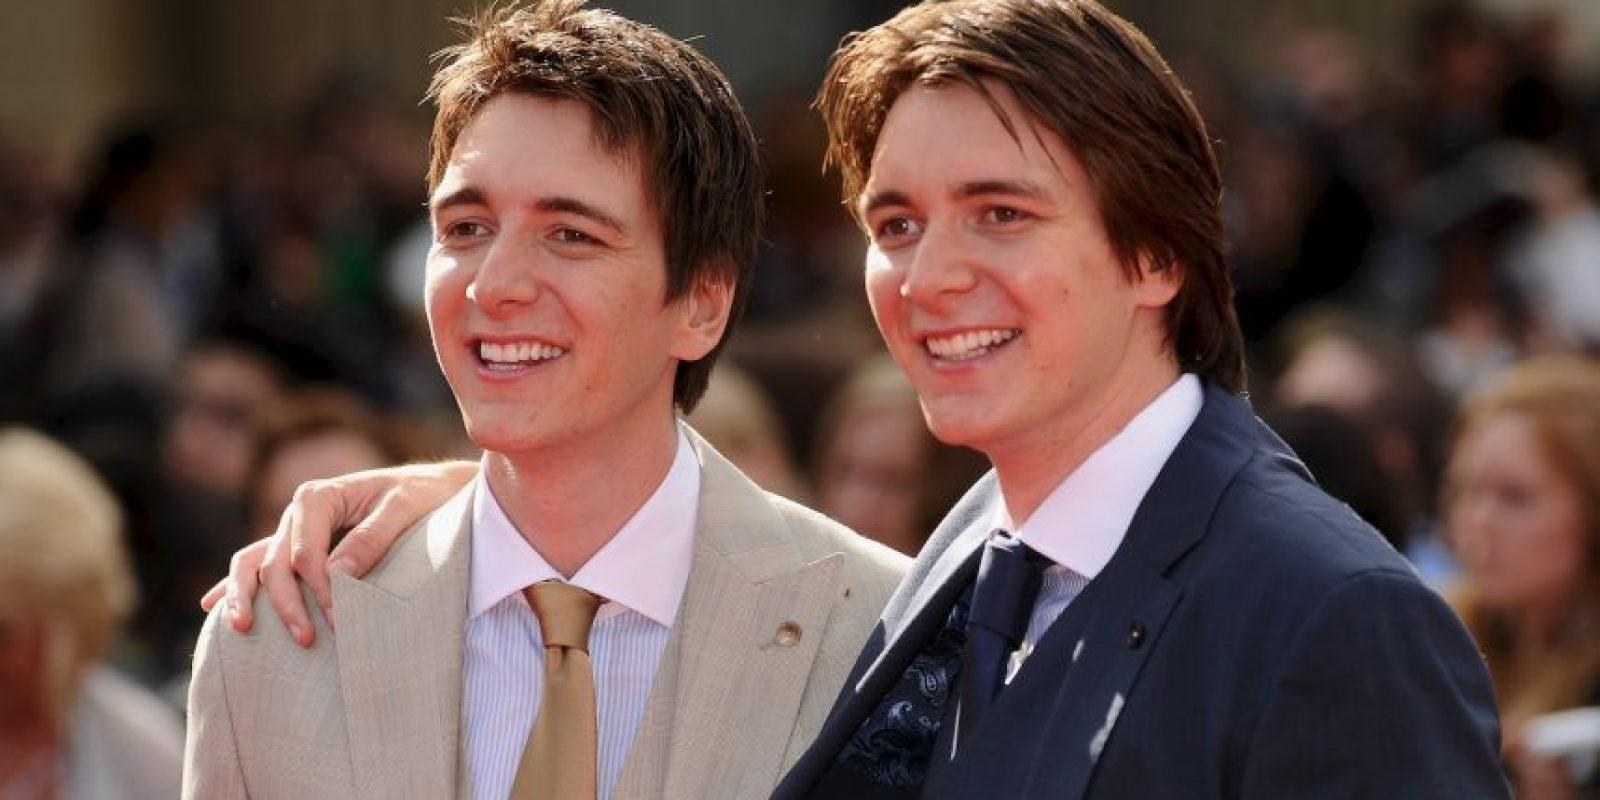 Nacieron el 25 de febrero de 1986 Foto:Getty Images